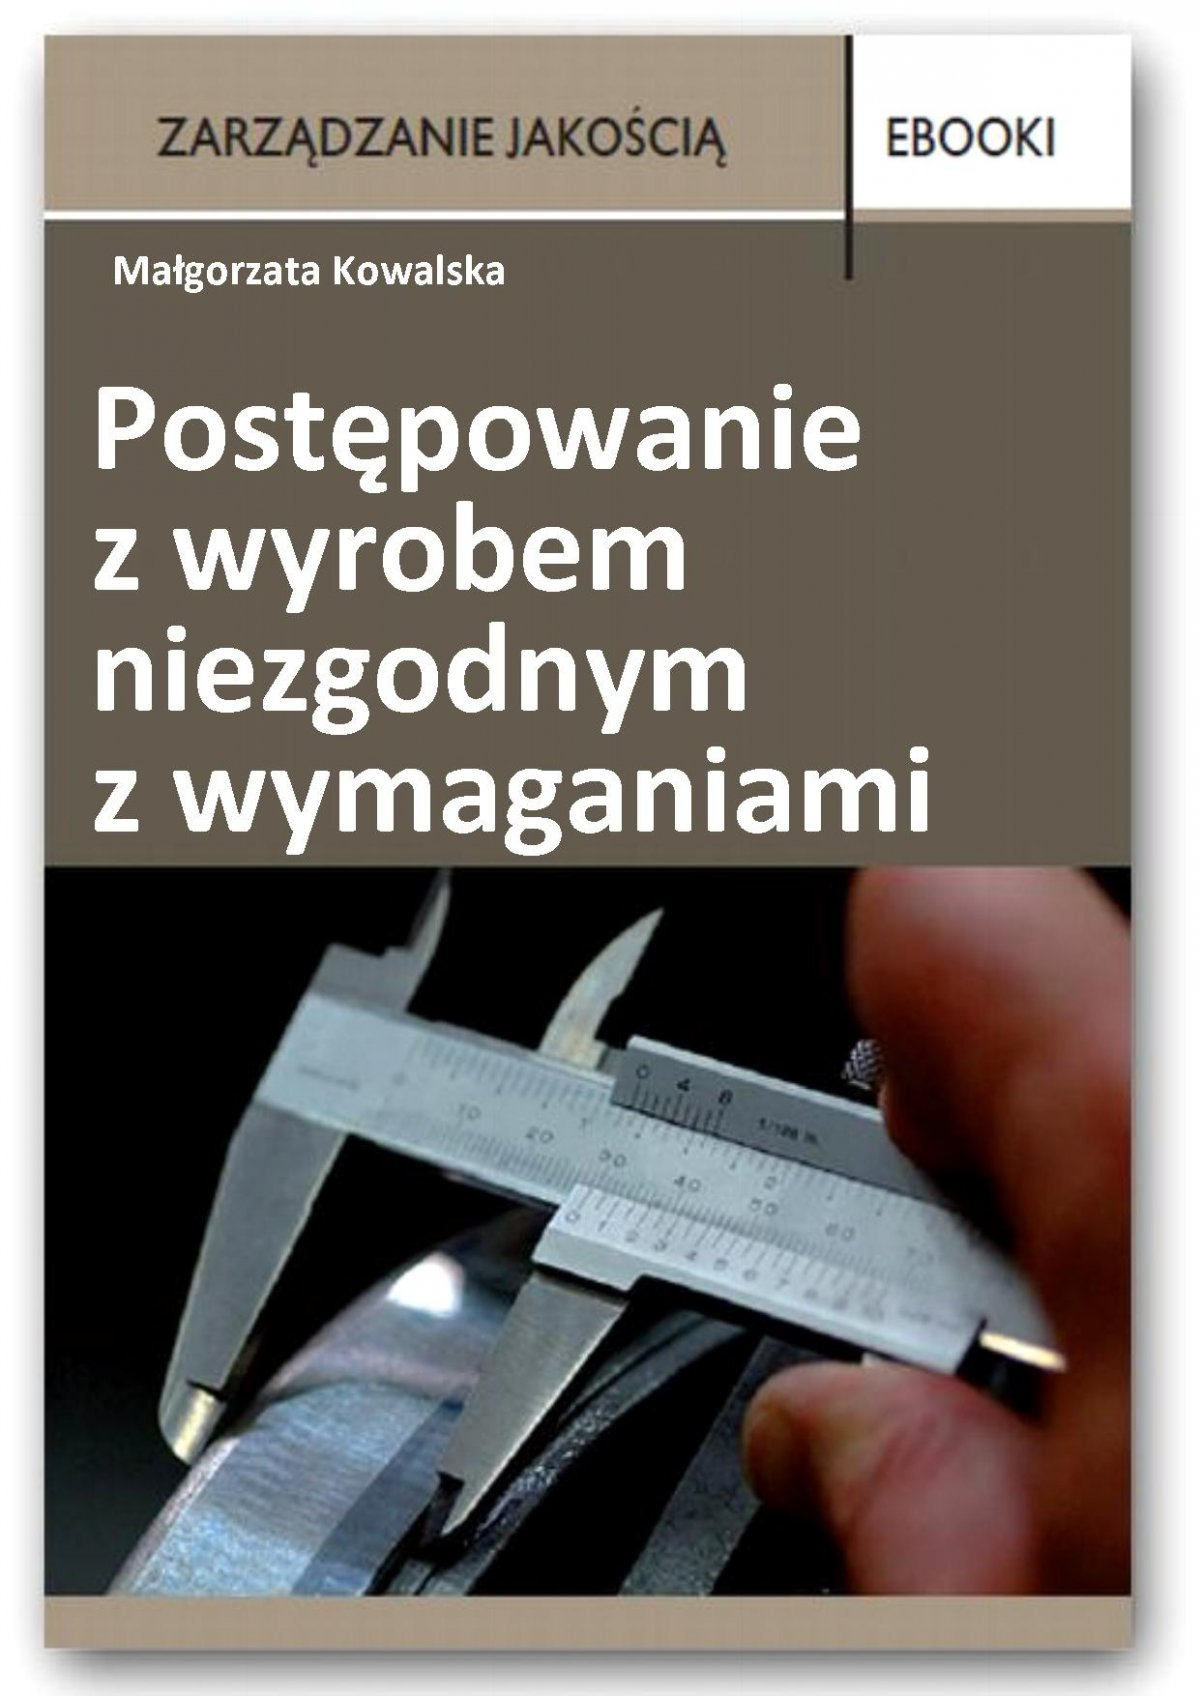 Postępowanie z wyrobem niezgodnym z wymaganiami - Ebook (Książka PDF) do pobrania w formacie PDF